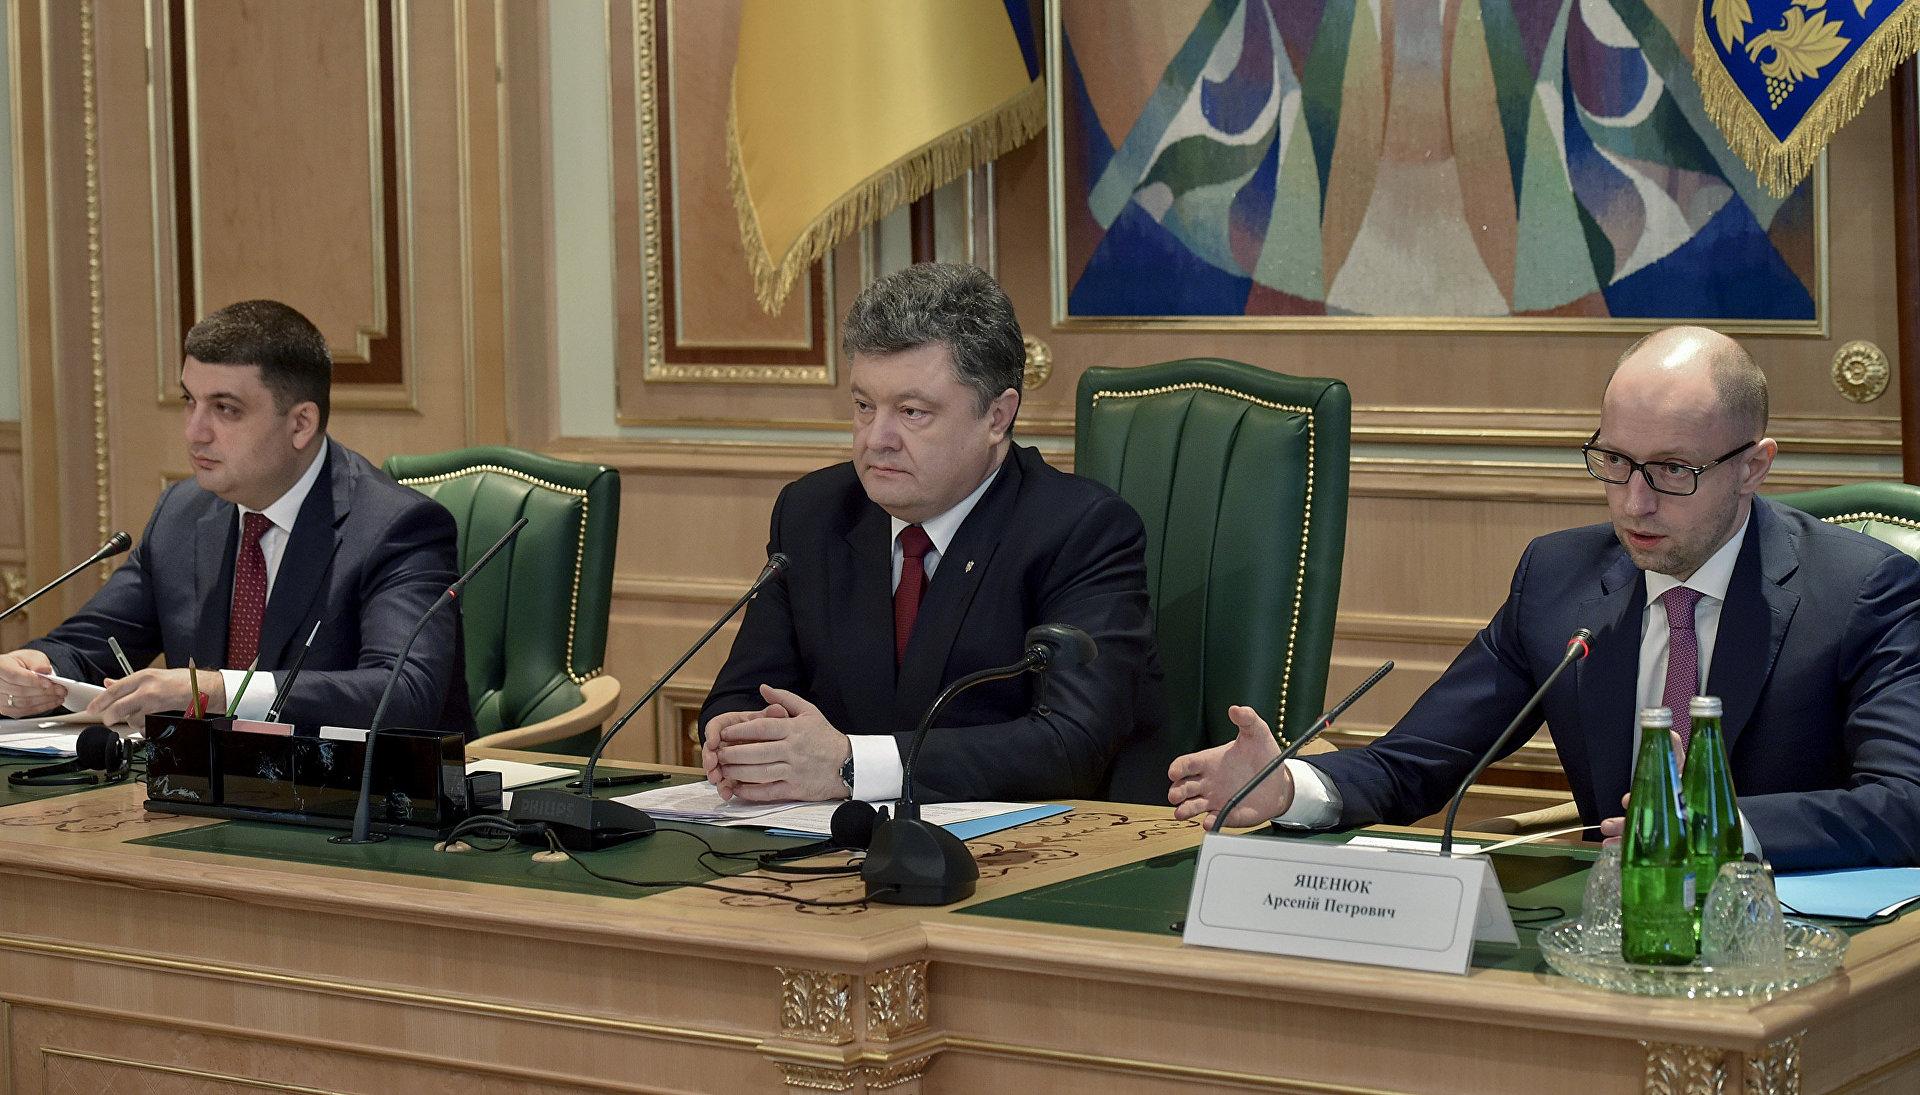 http://ukraina.ru/images/101285/65/1012856527.jpg